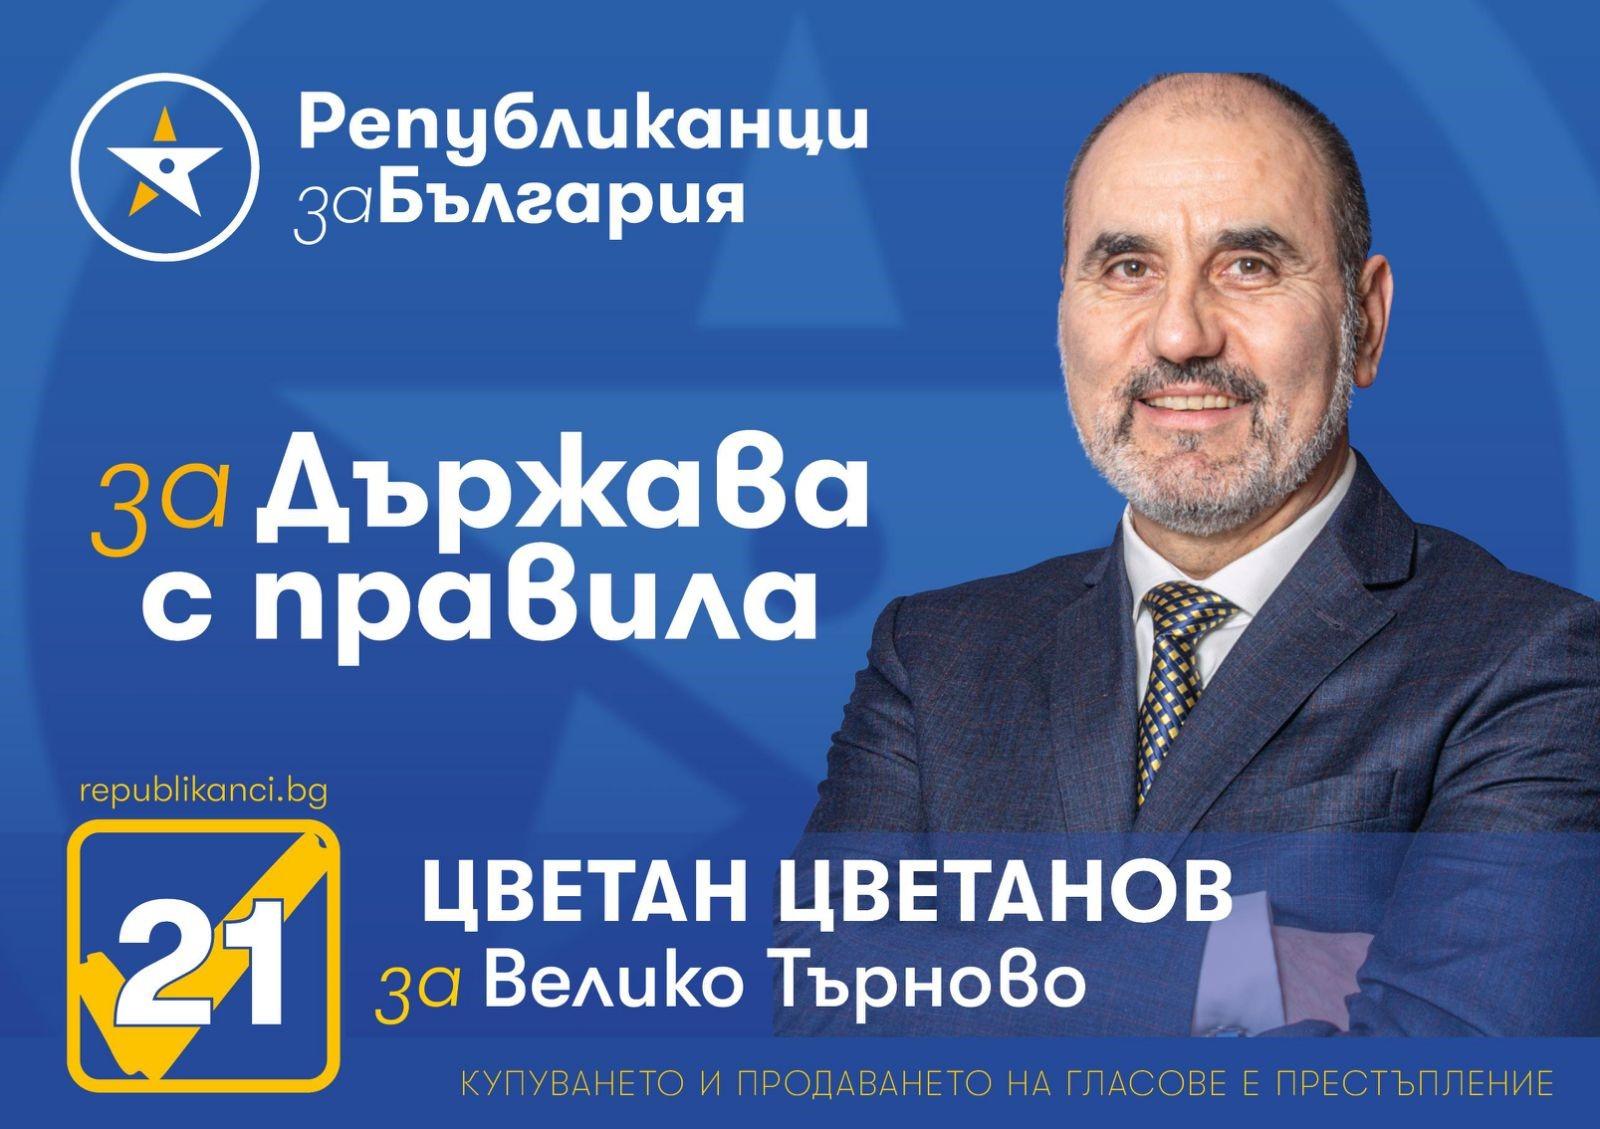 Цветан Цветанов: Нашата партия е с най-ясен профил – десен, проевропейски и проатлантически